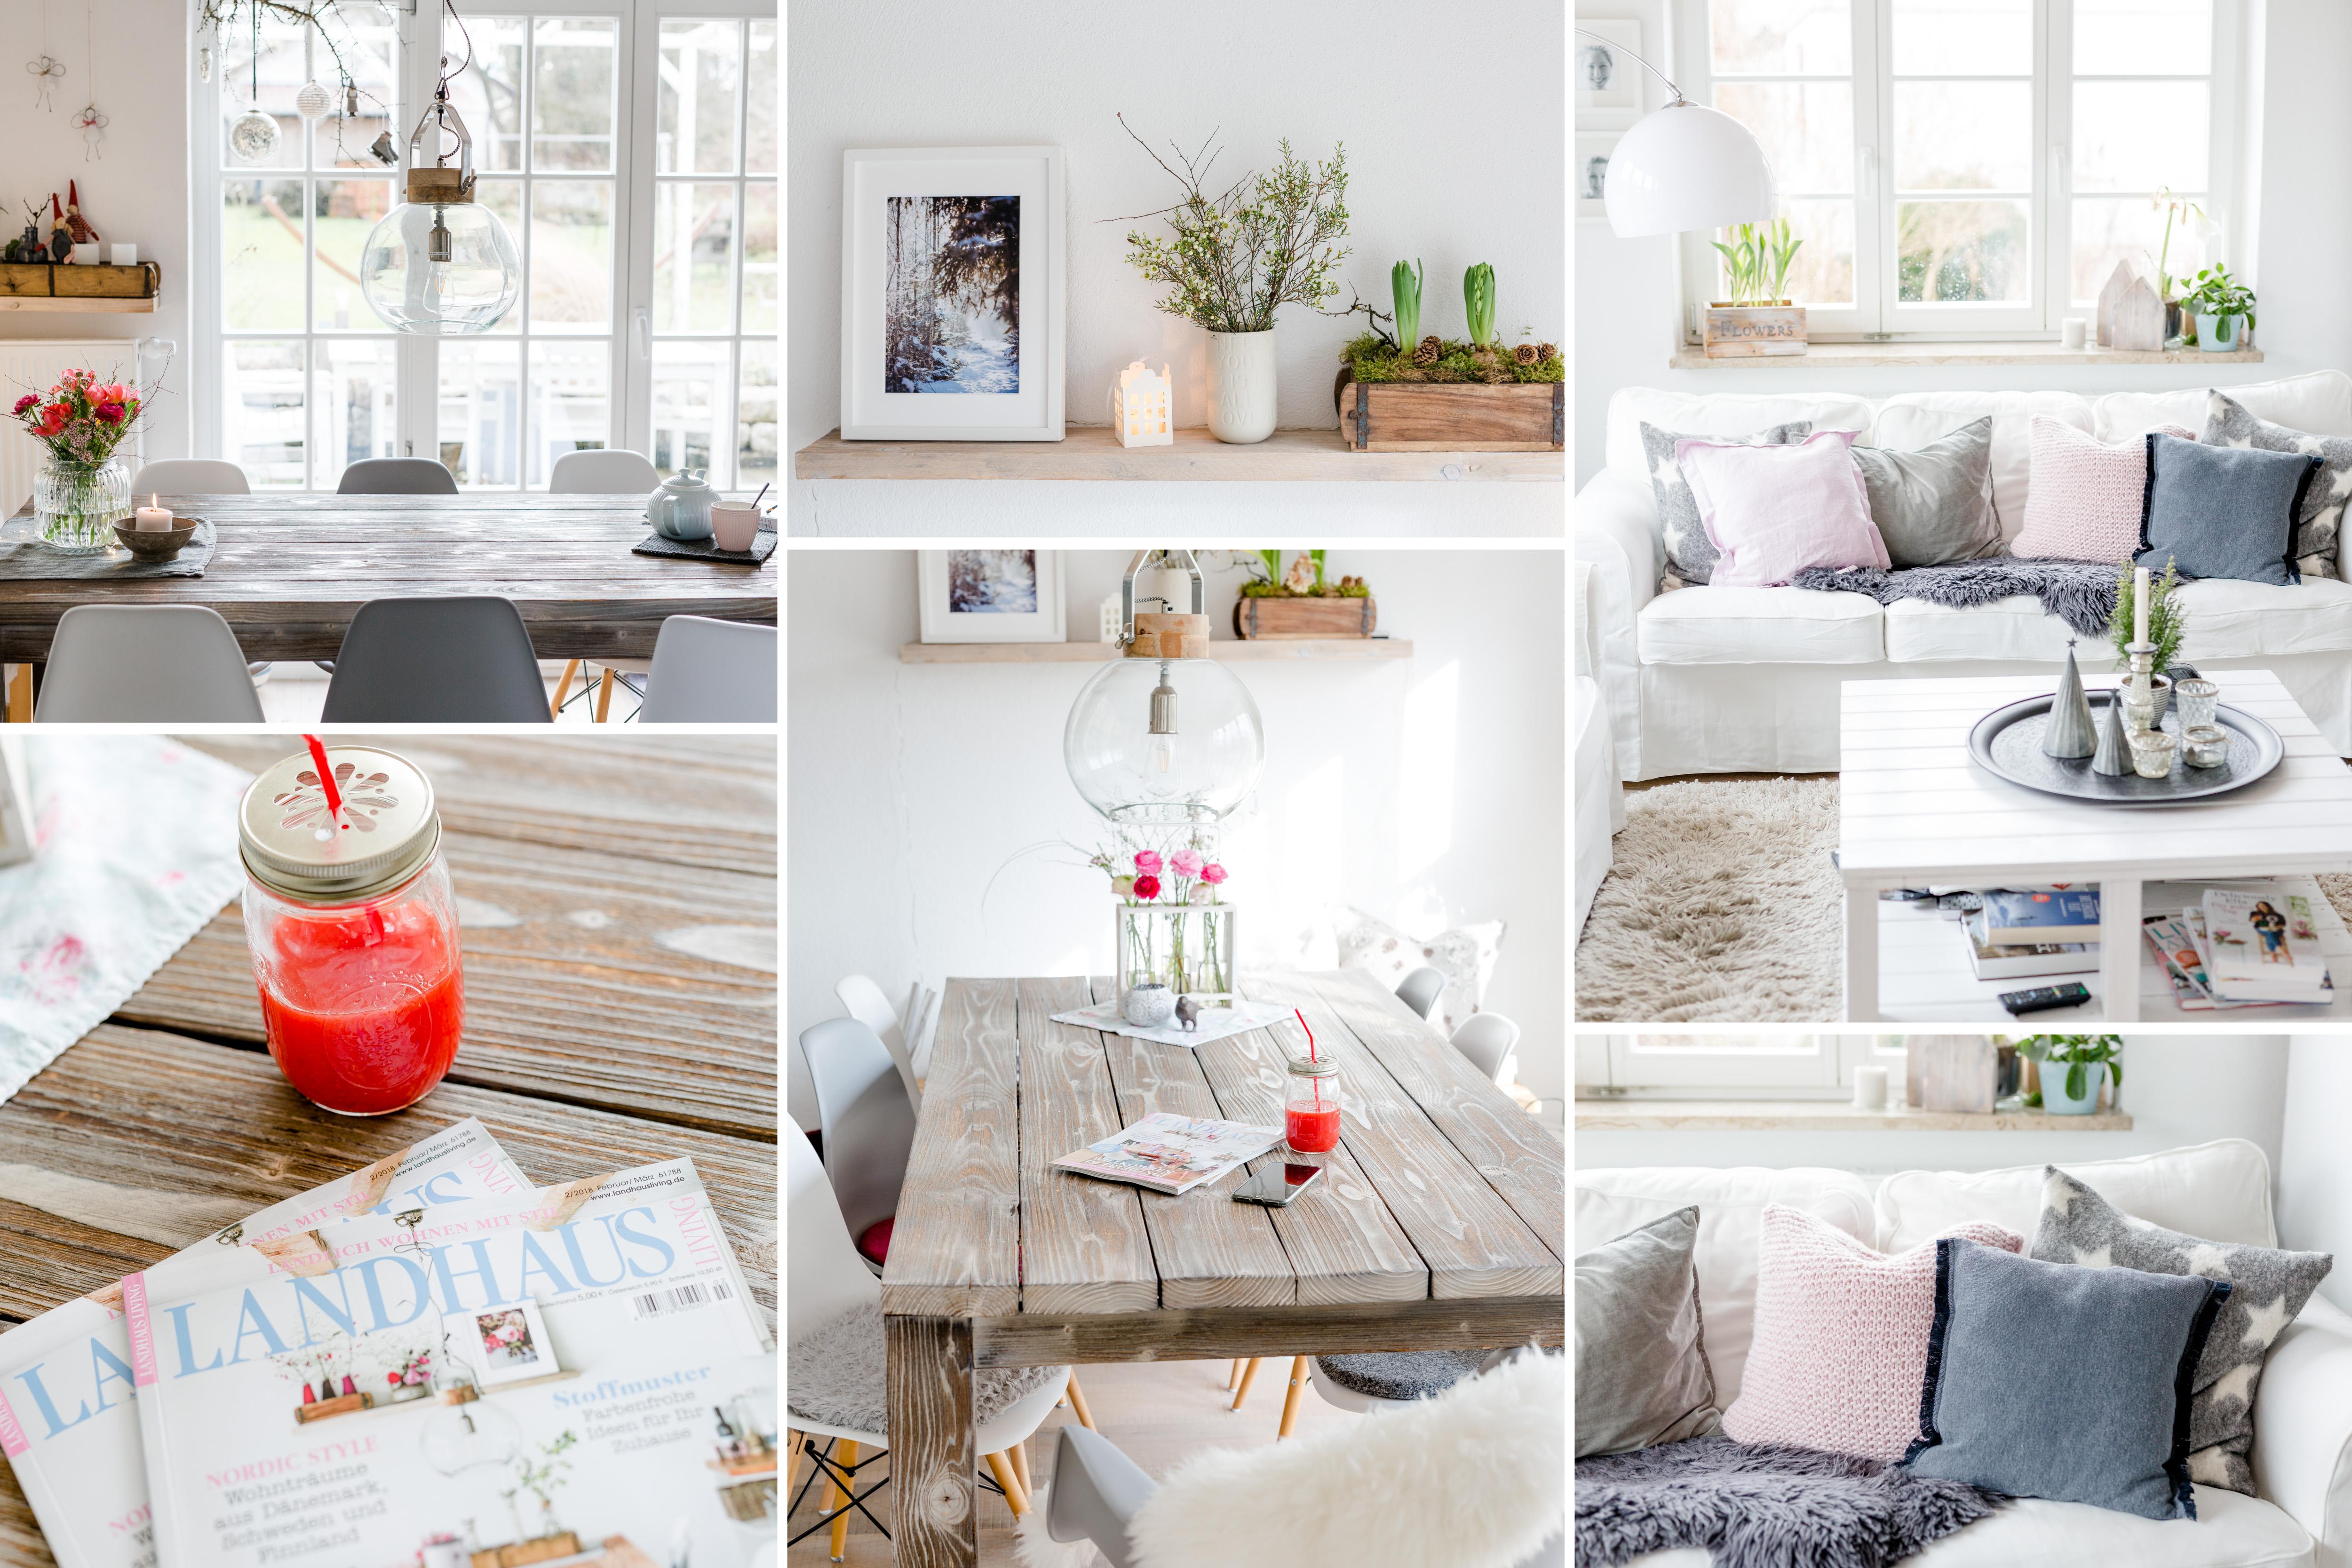 Interior im Monatsrückblick Januar, Pomponetti, Cover der Landhaus Living